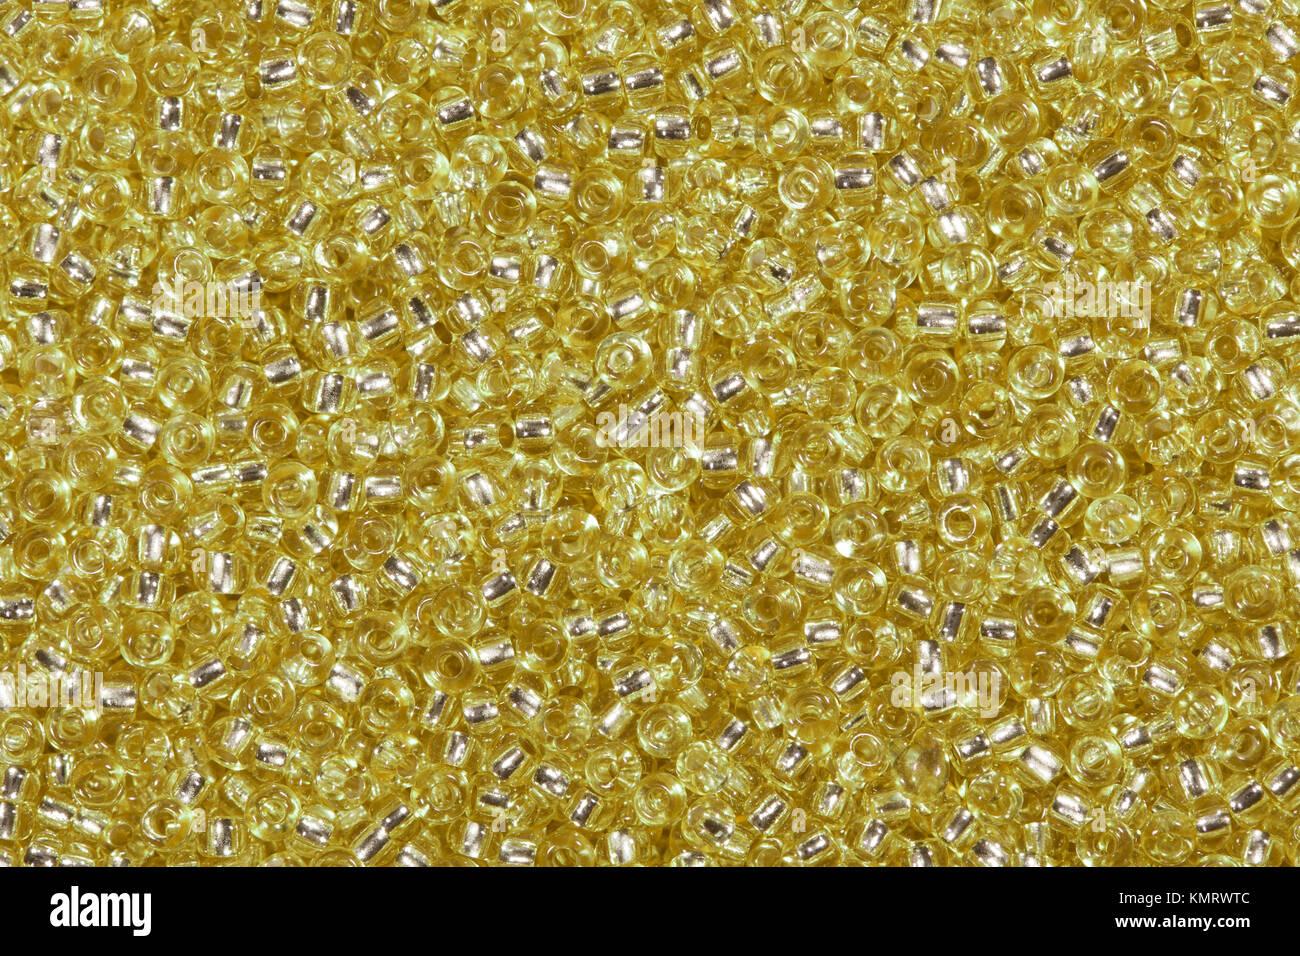 Fondo de perlas de vidrio de color amarillo dorado. Foto de stock